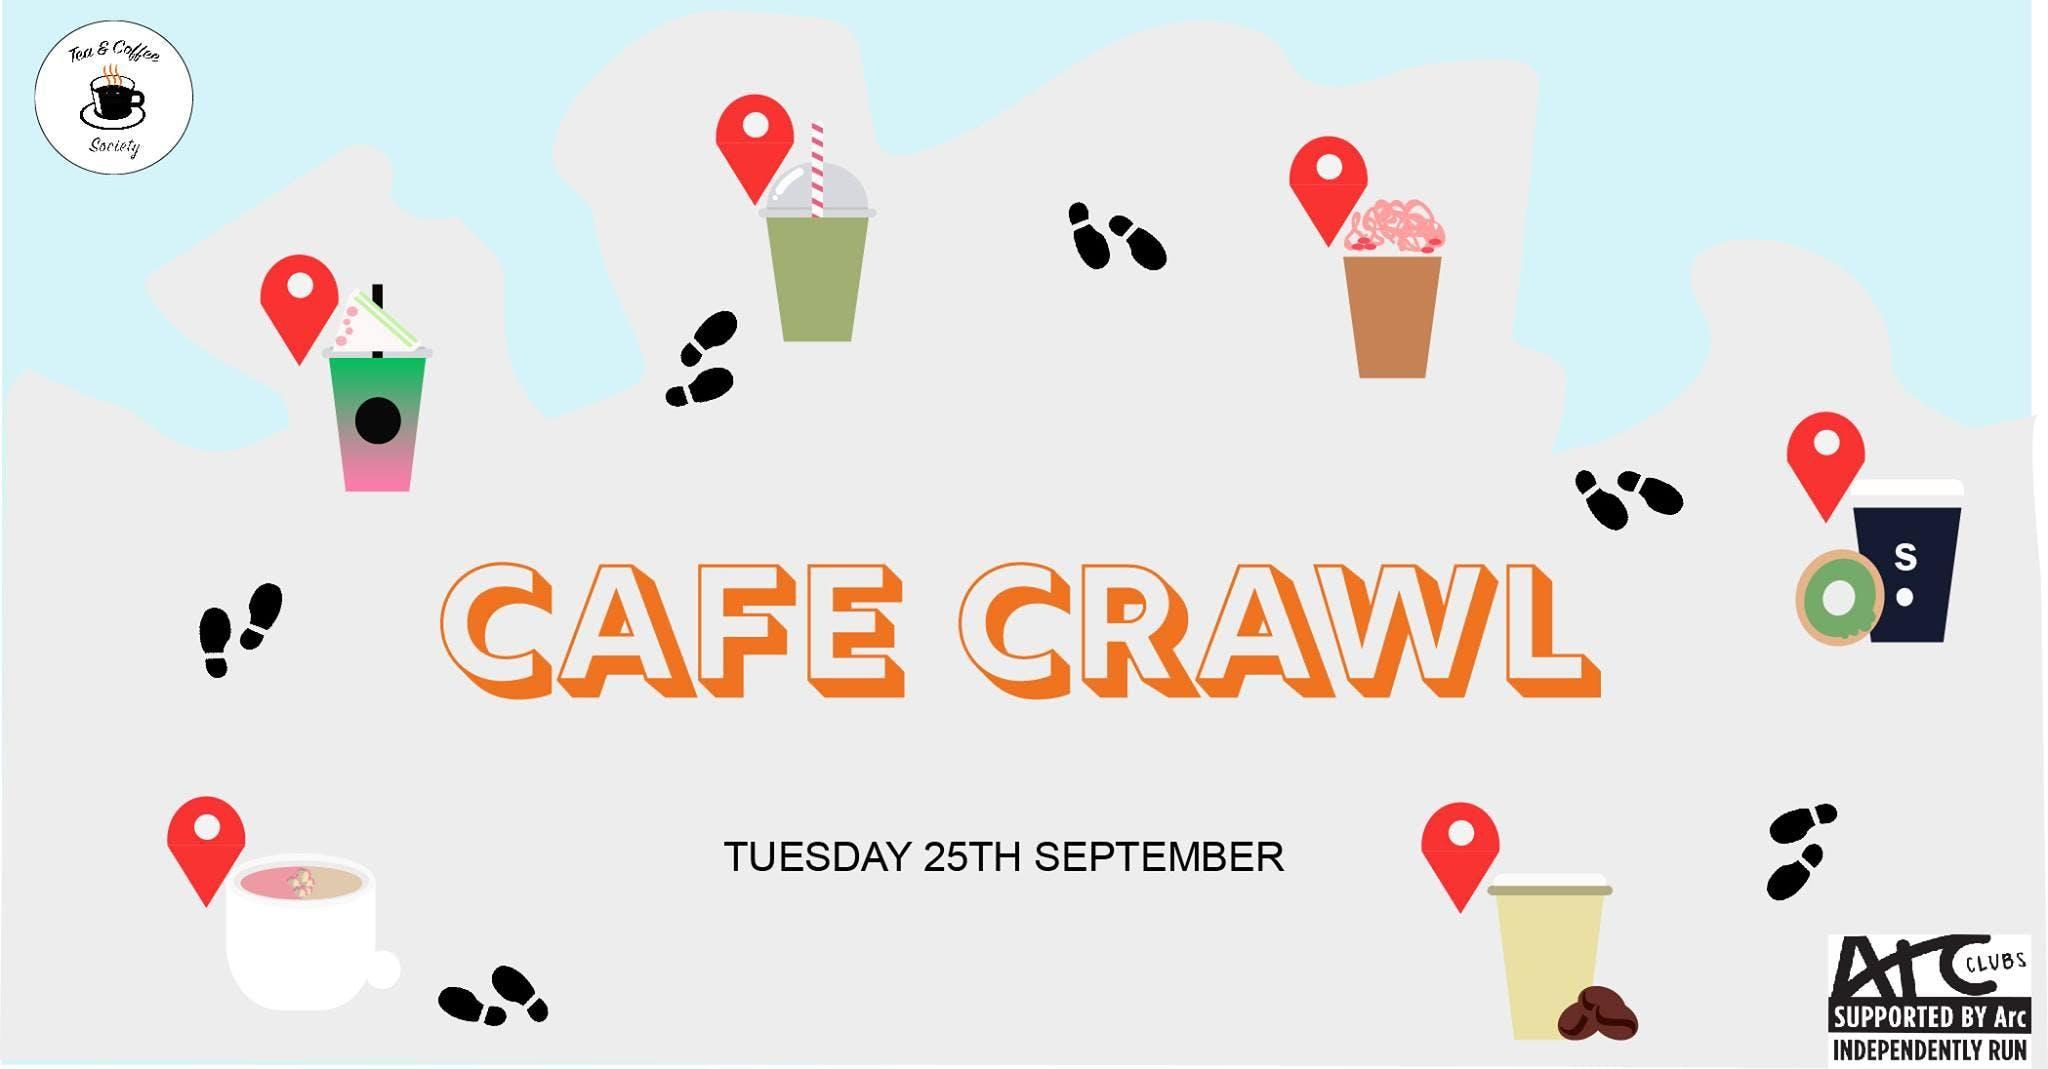 Café Crawl